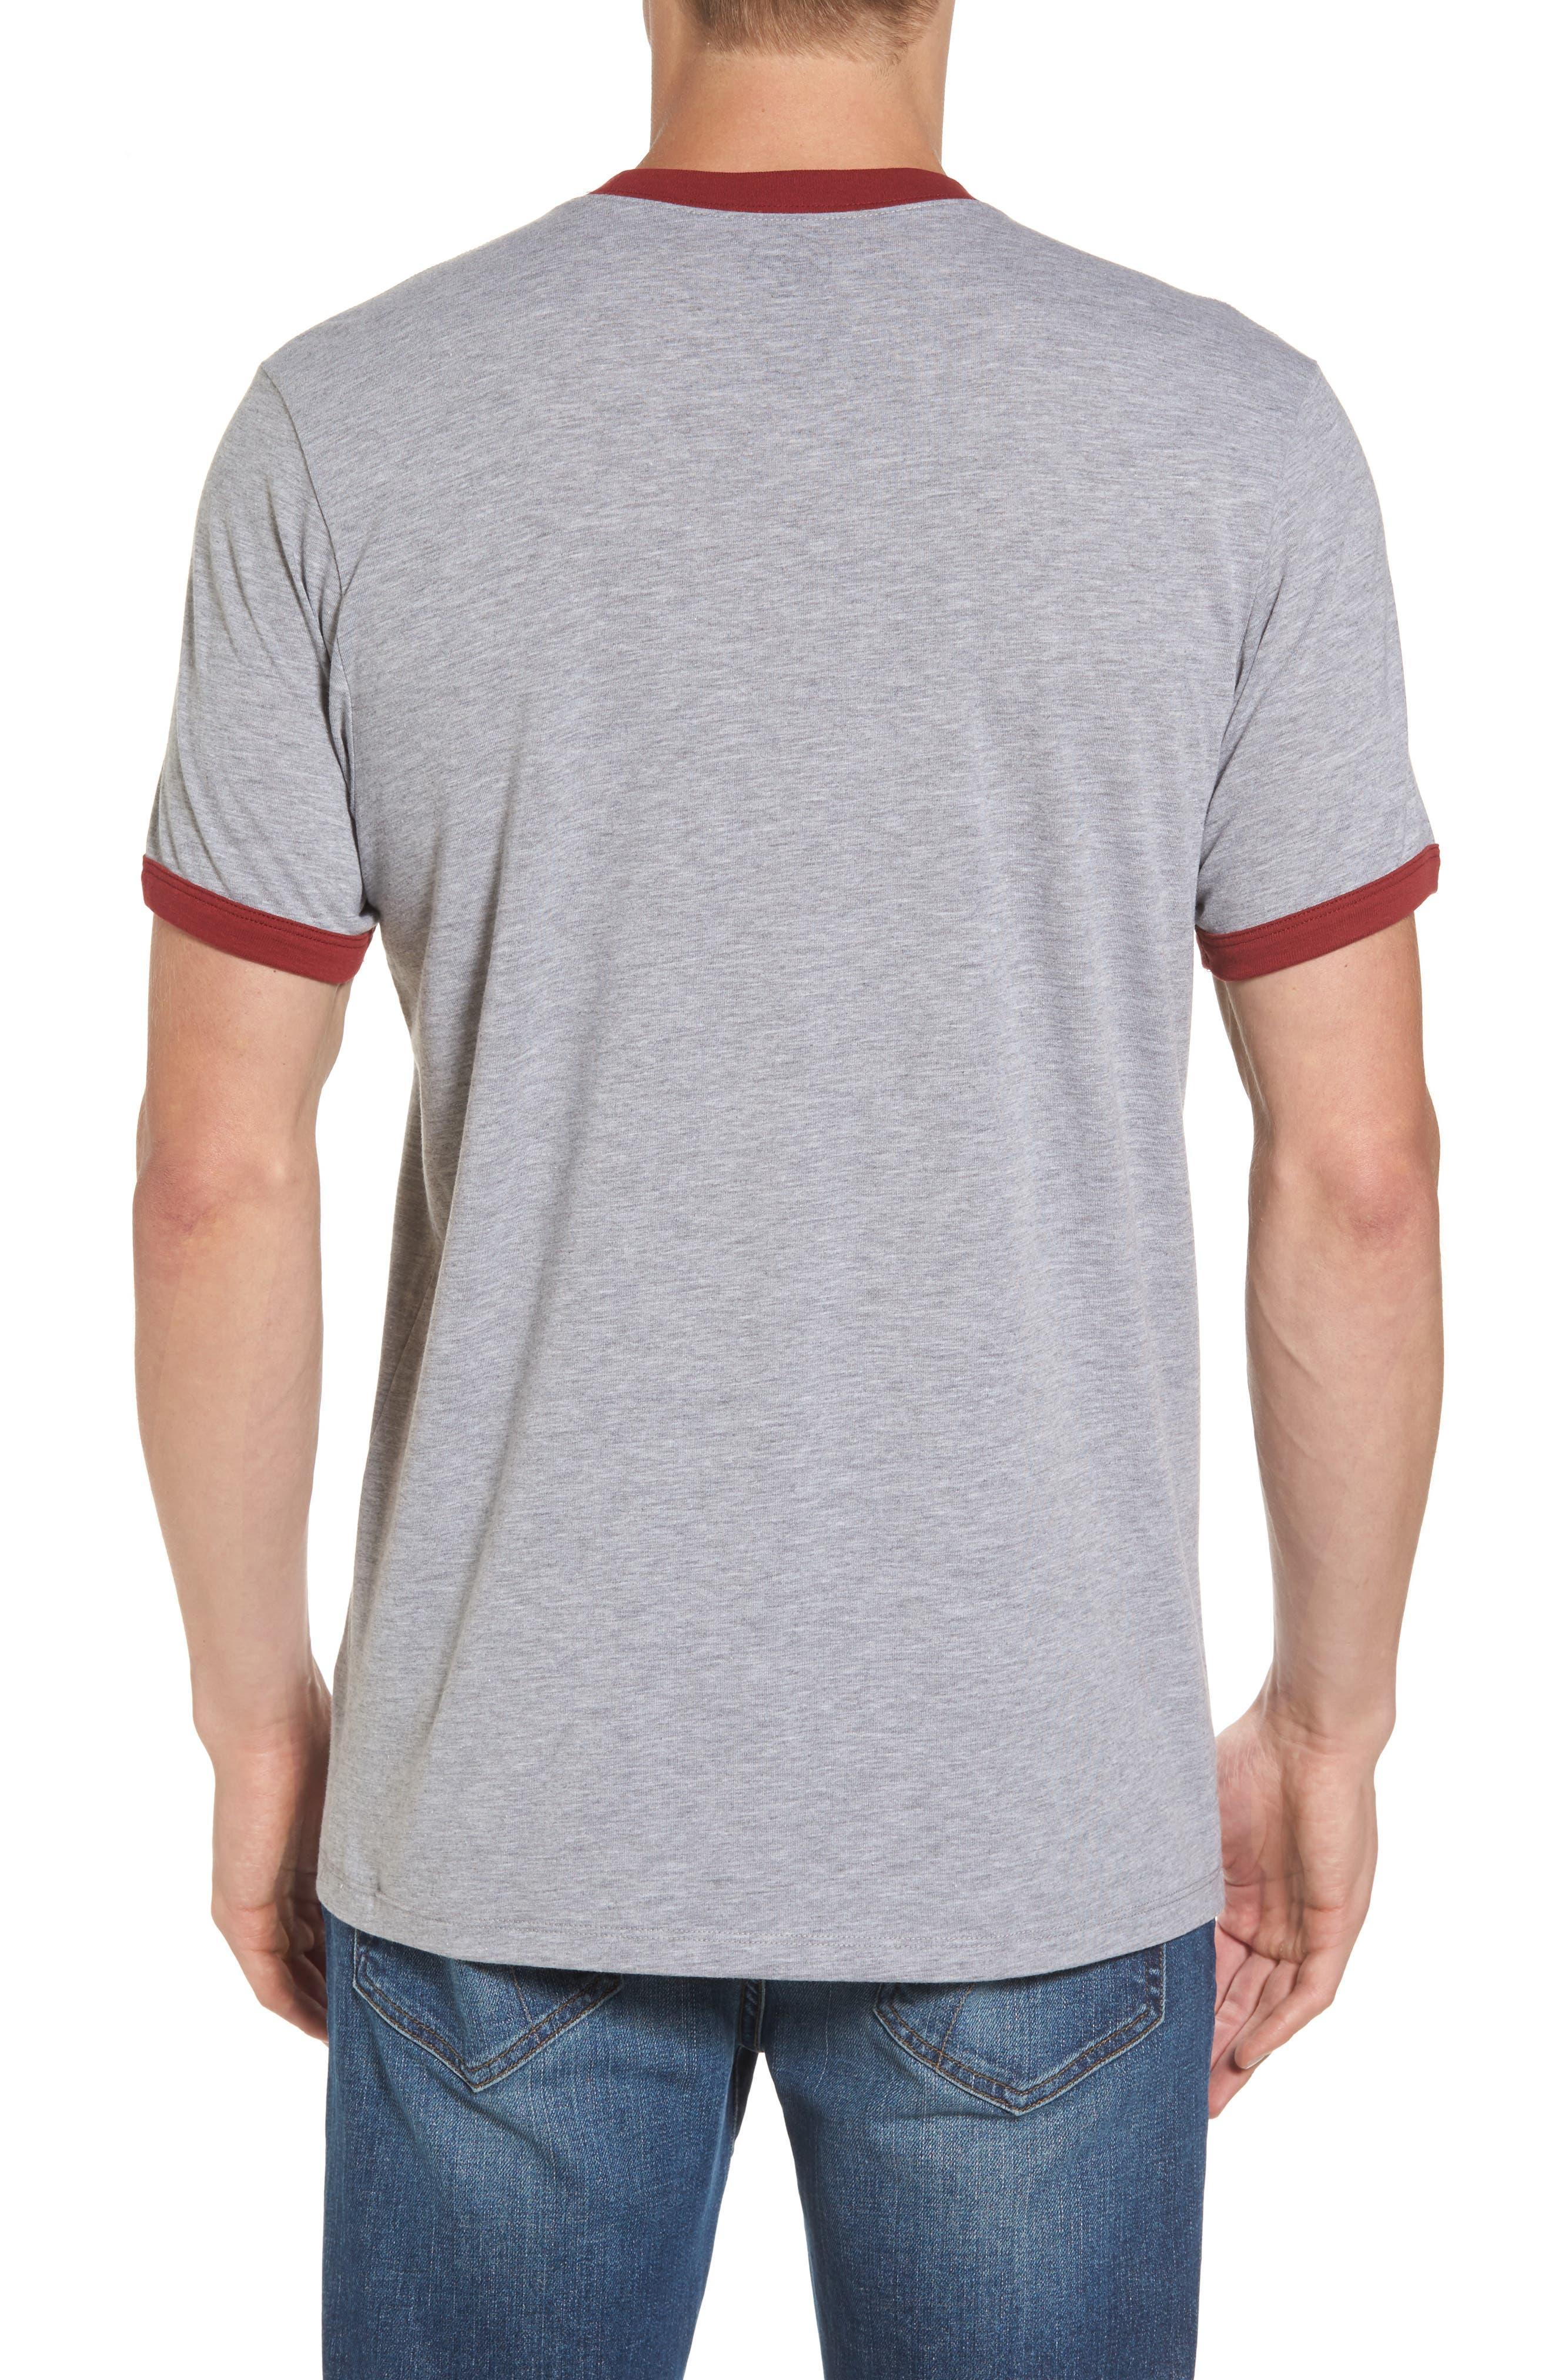 Alternate Image 2  - '47 Washington State University Cougars Ringer T-Shirt